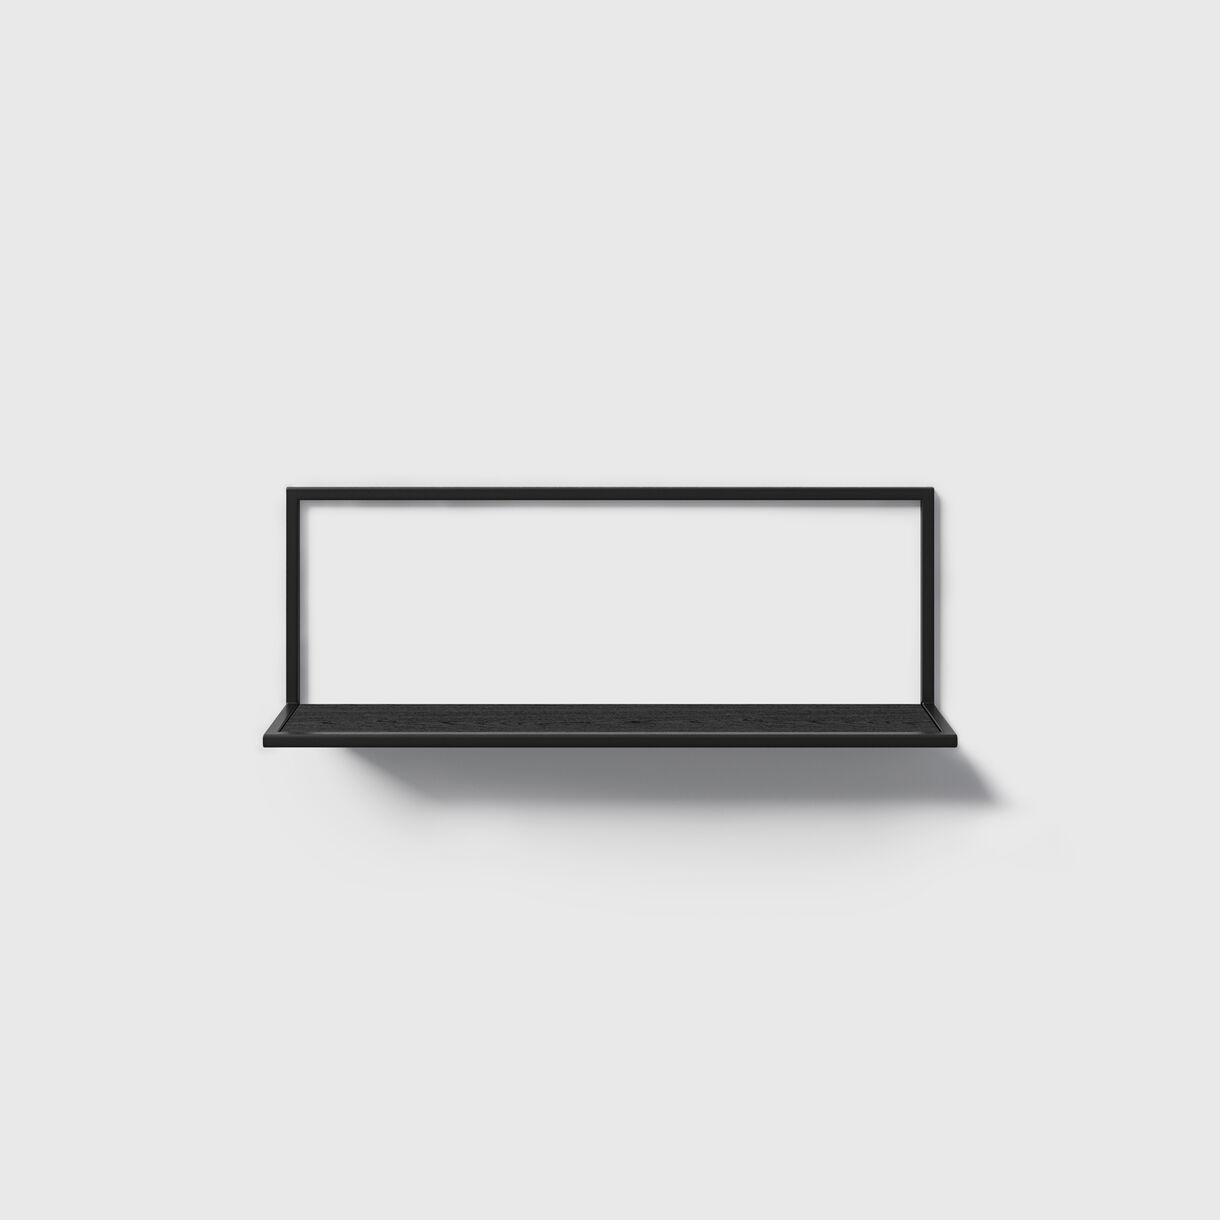 Frame Shelf with Board